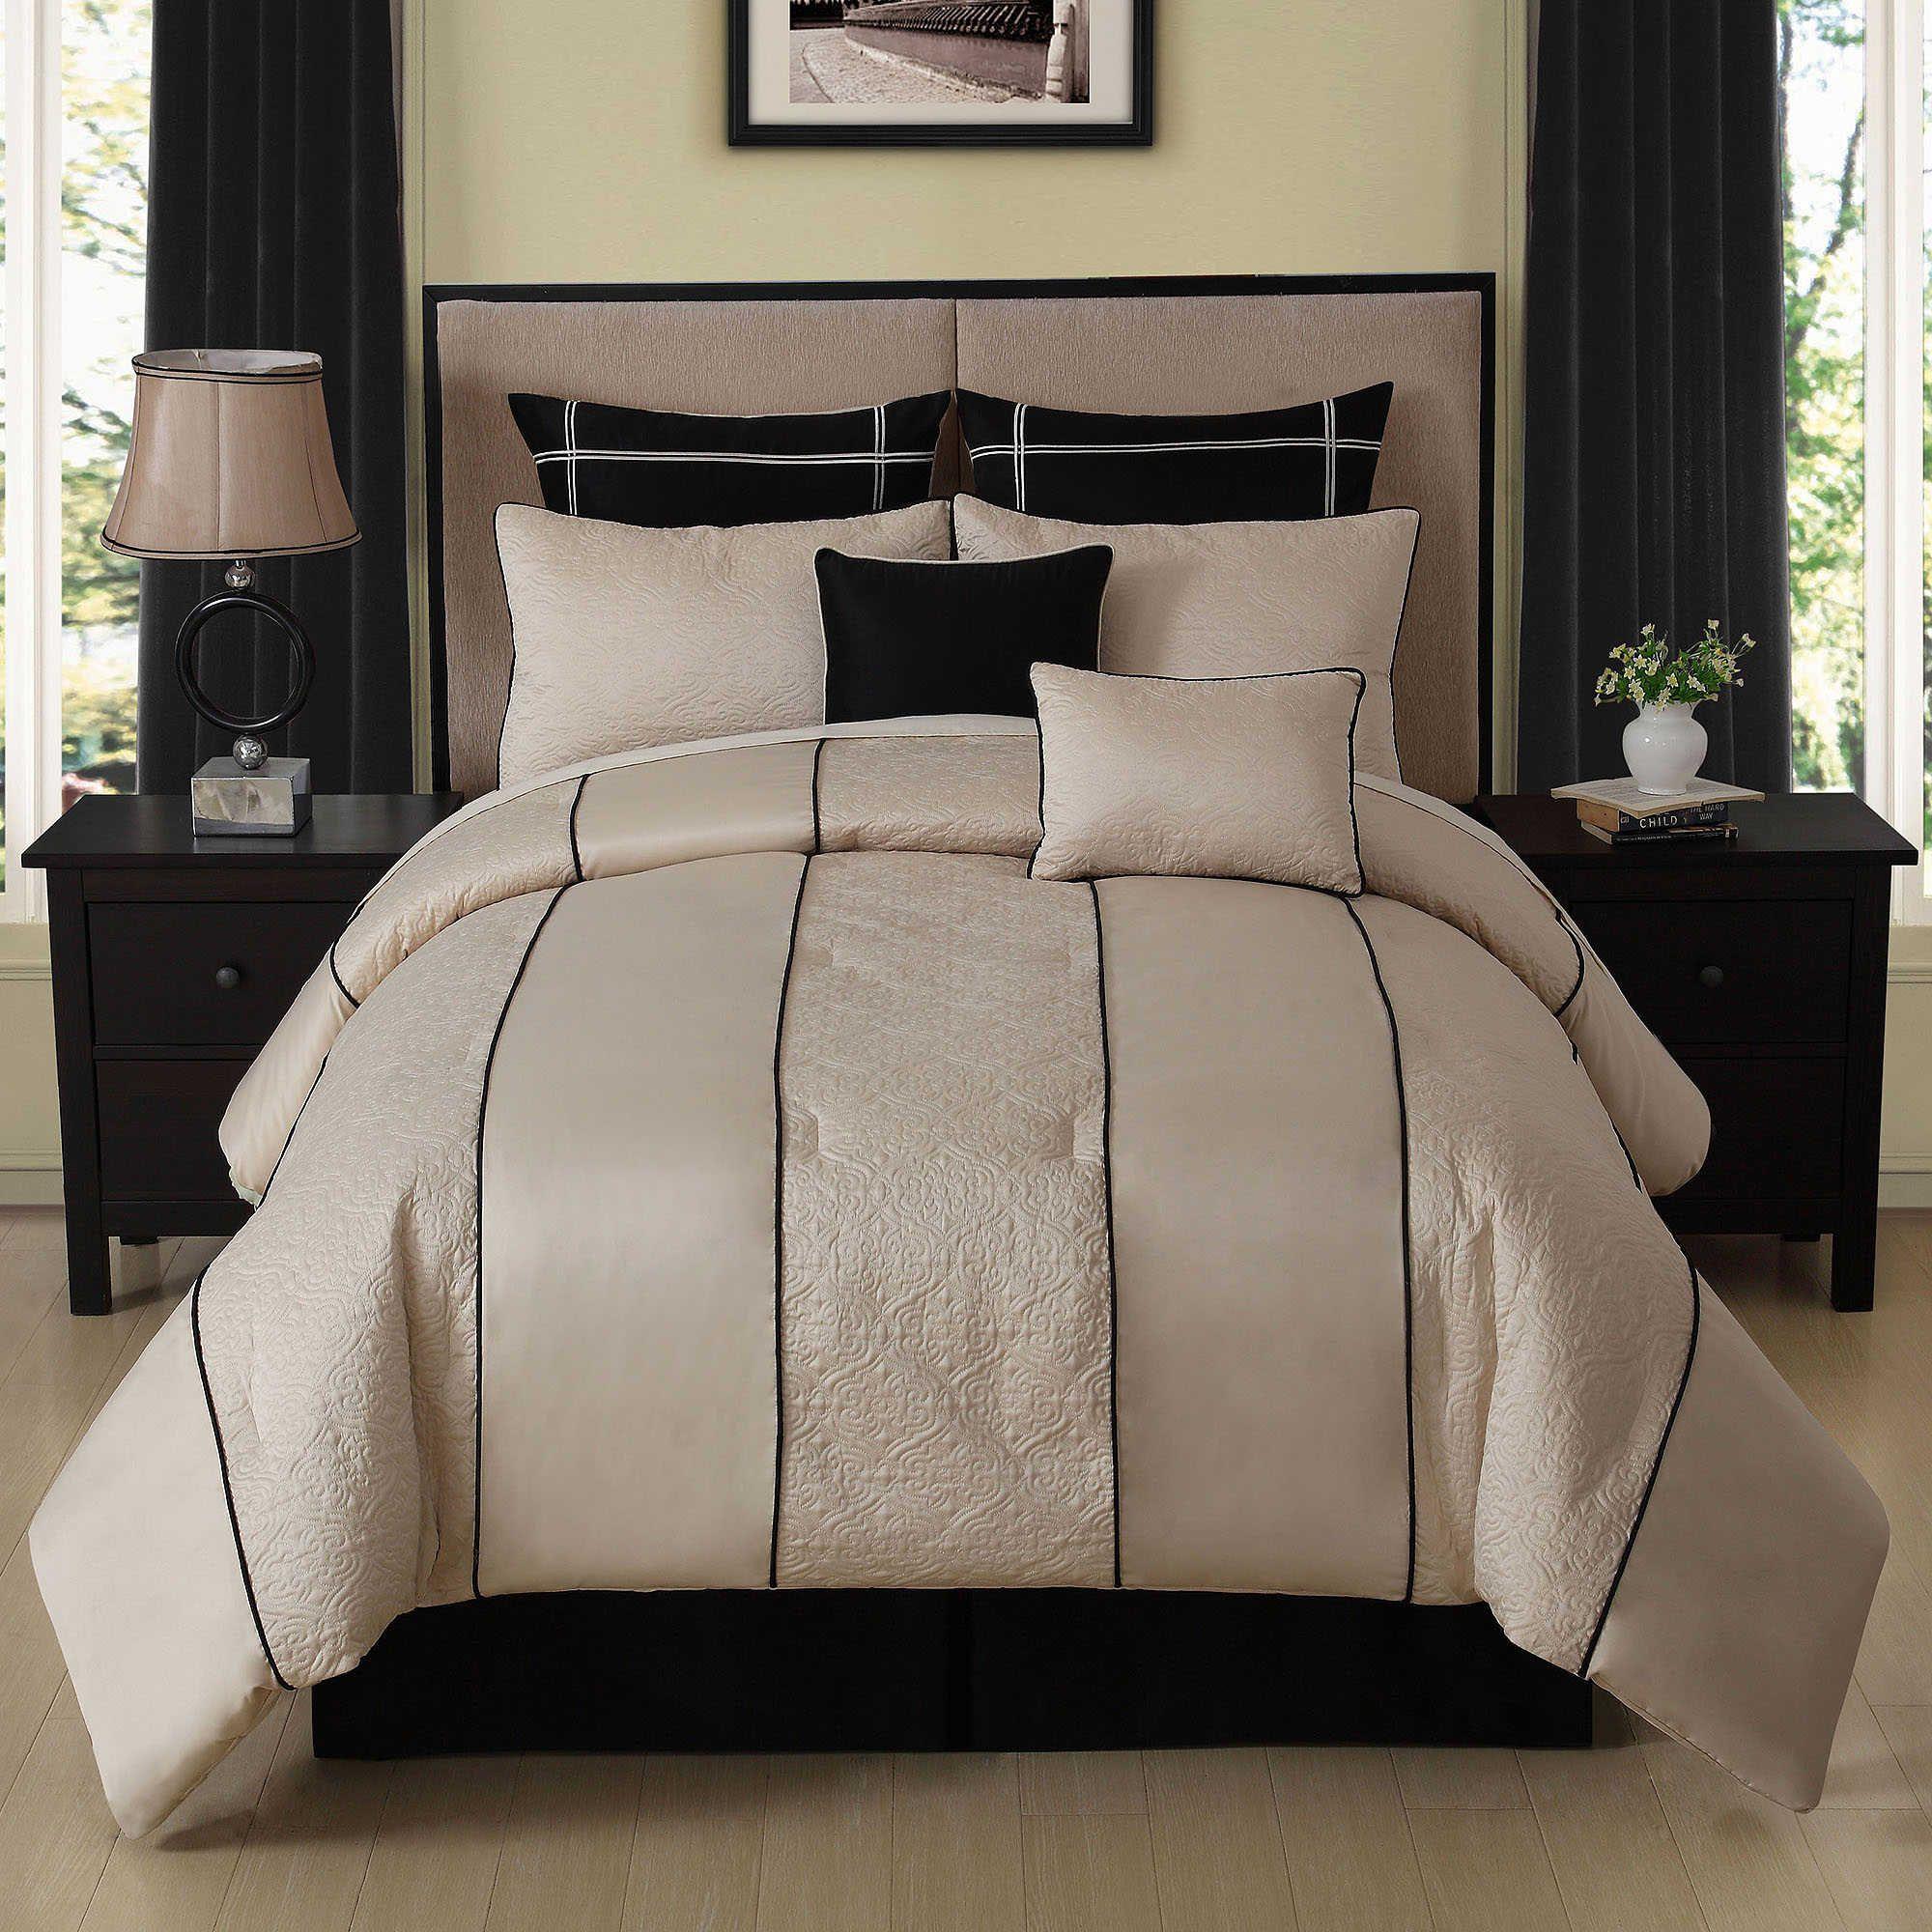 Cecelia 8Piece Comforter Set in Ivory/Black Comforter